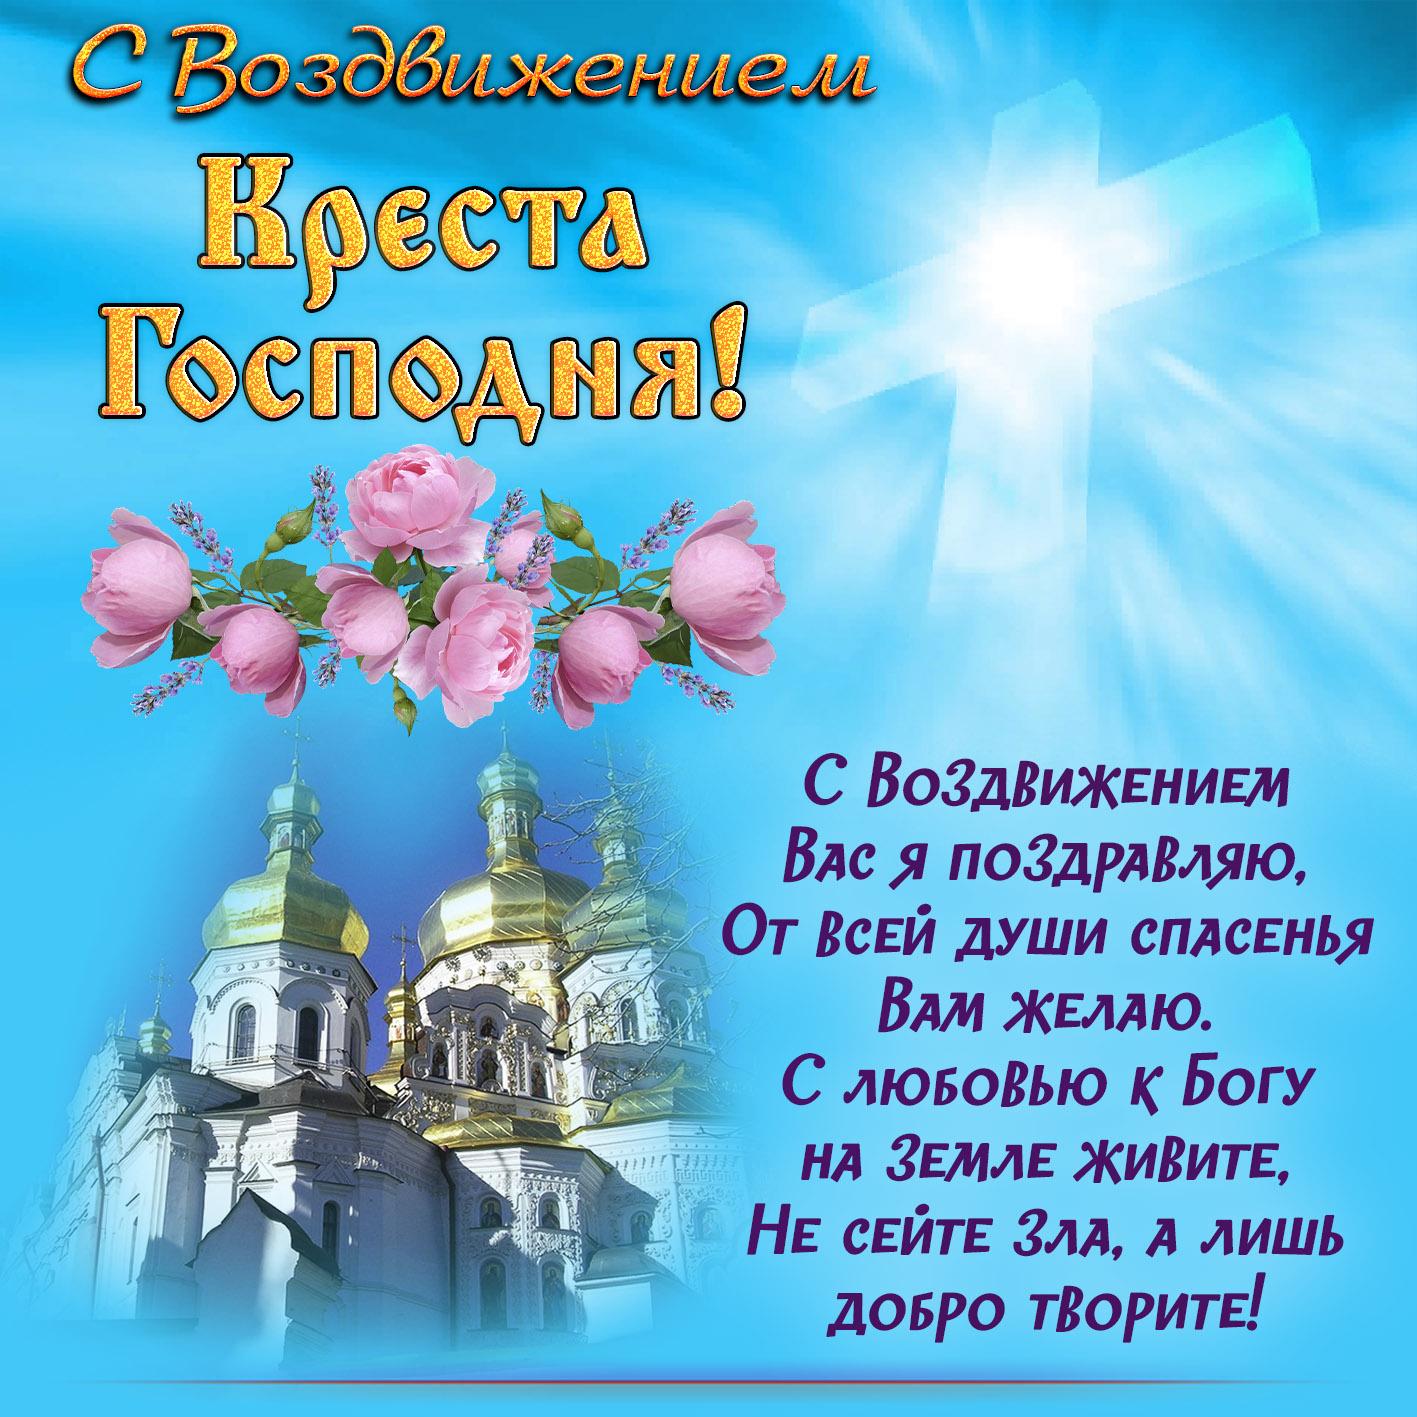 Поздравления с праздником воздвижения креста в картинках